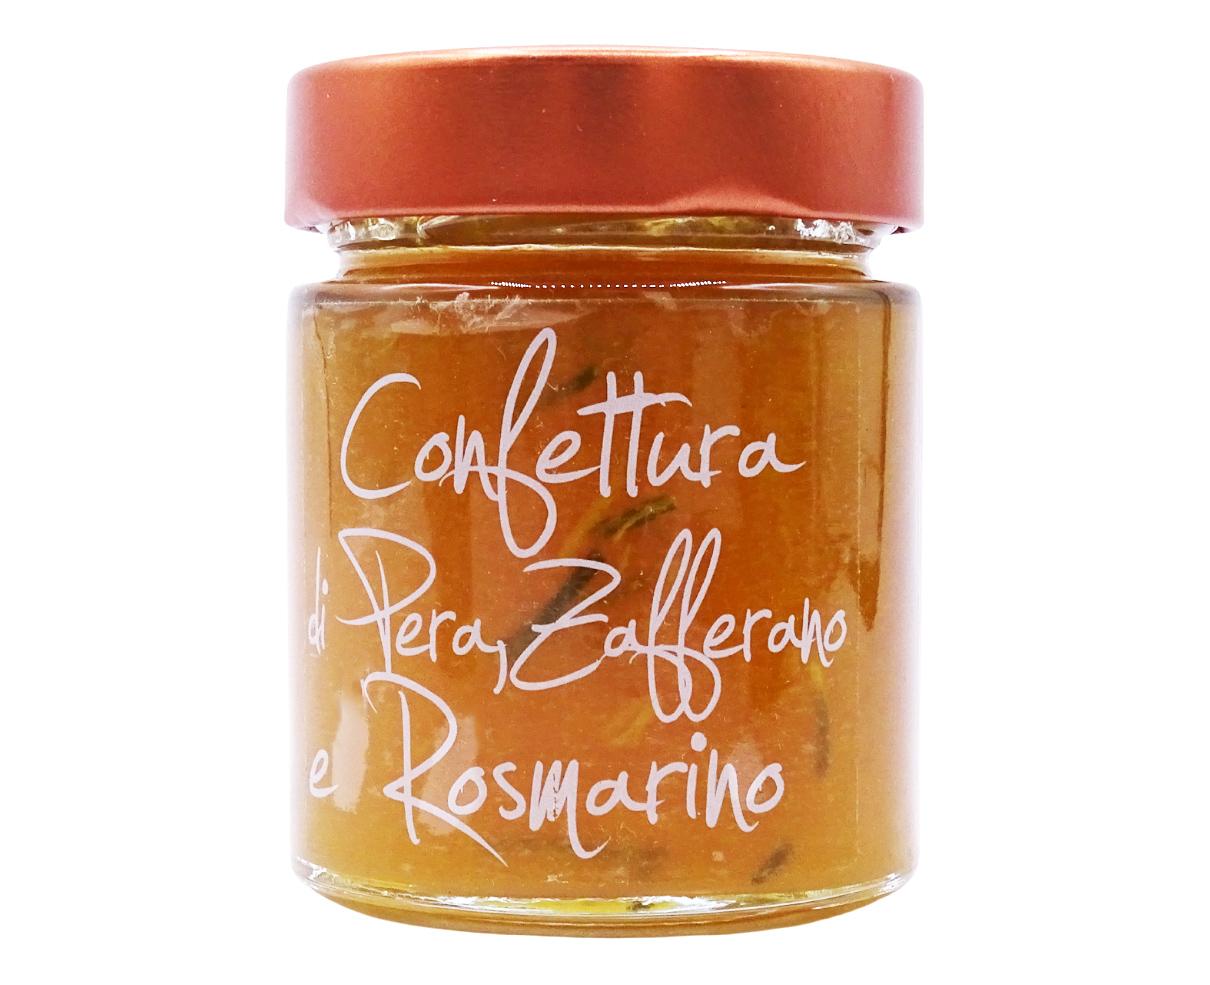 Confettura di pera, zafferano e rosmarino Armando in Porto Azzurro 170gr